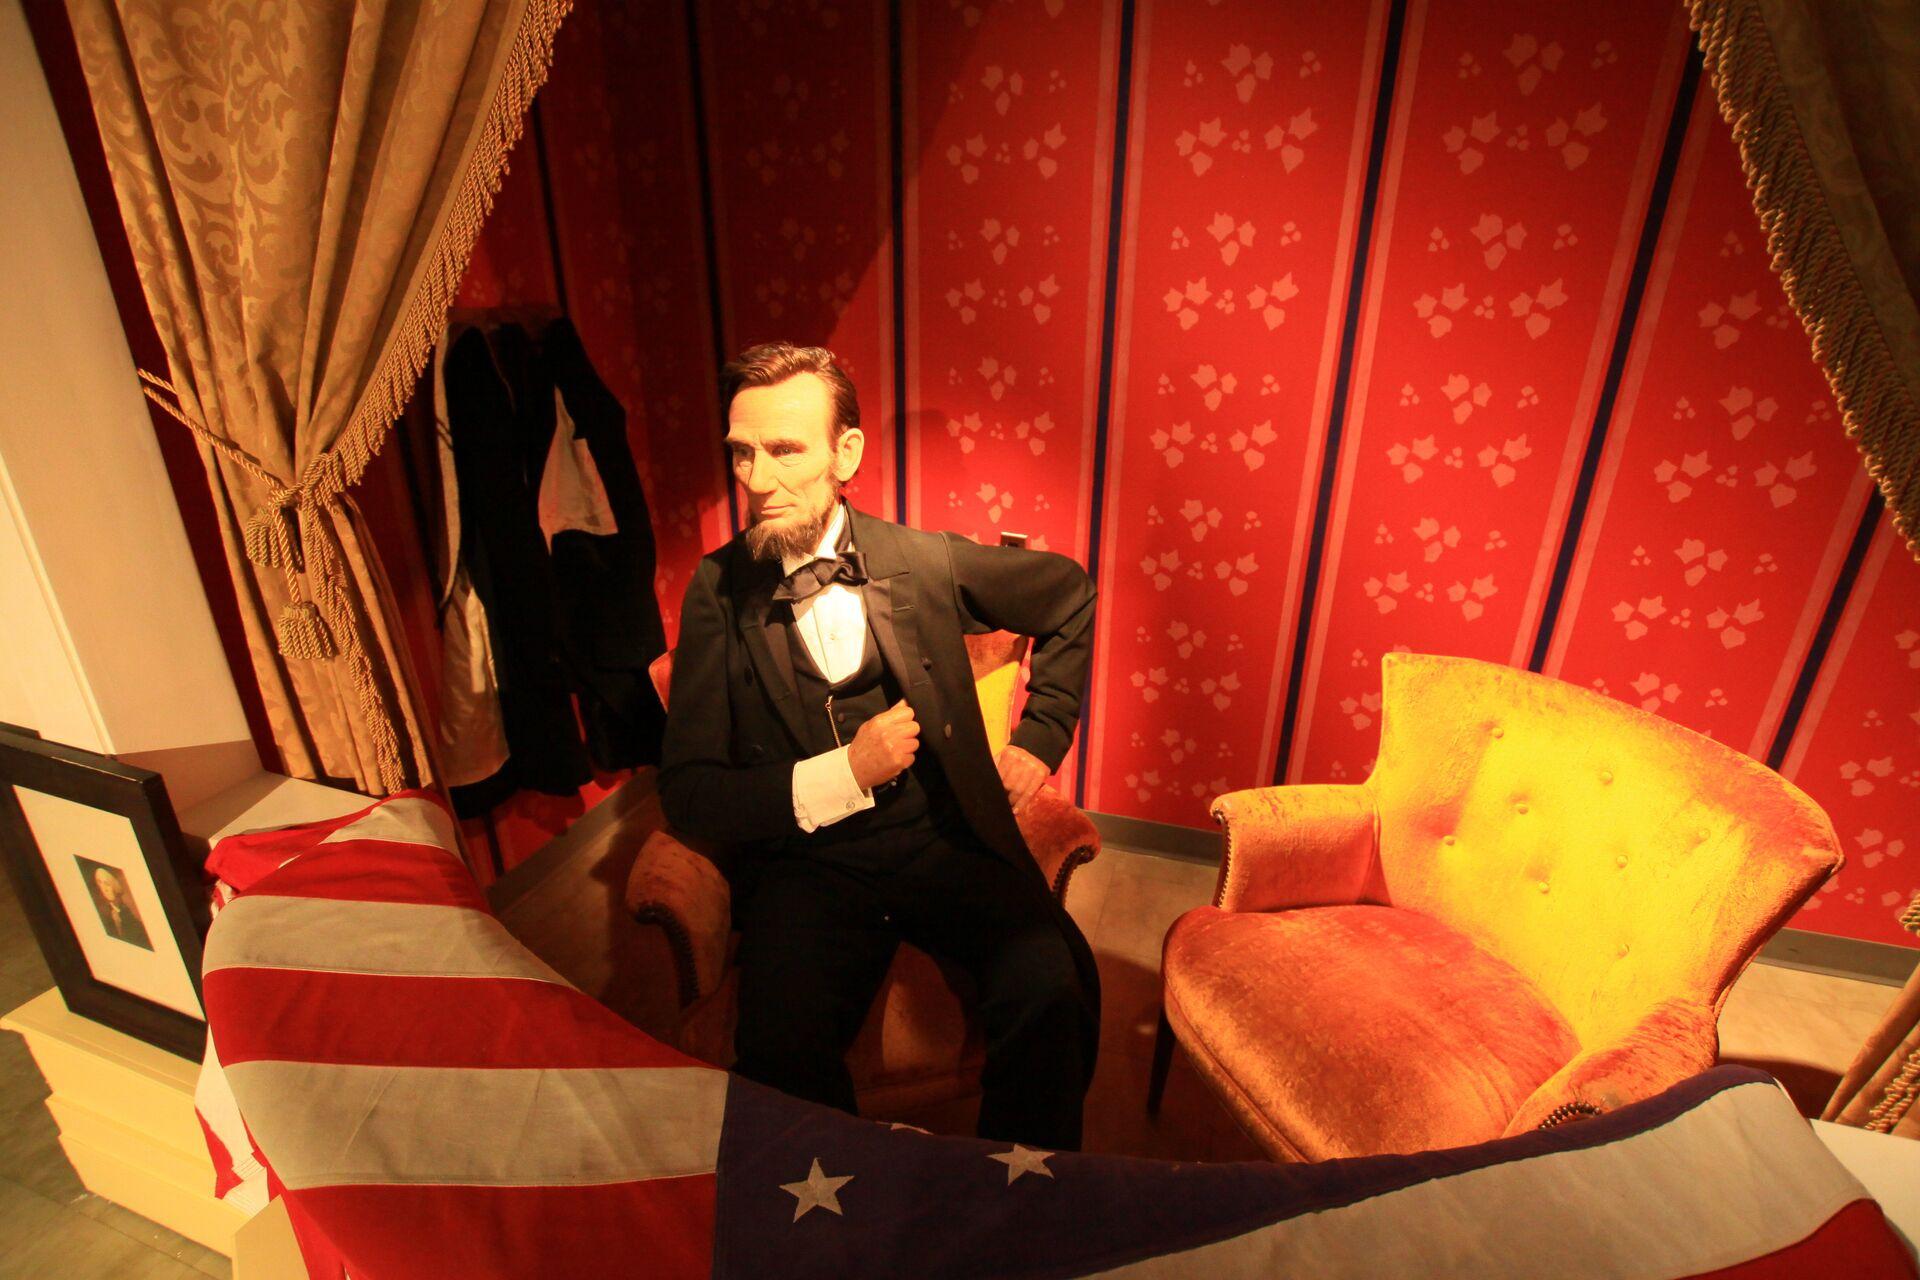 Все президенты США встретились в музее мадам Тюссо в Вашингтоне - РИА Новости, 1920, 06.04.2021